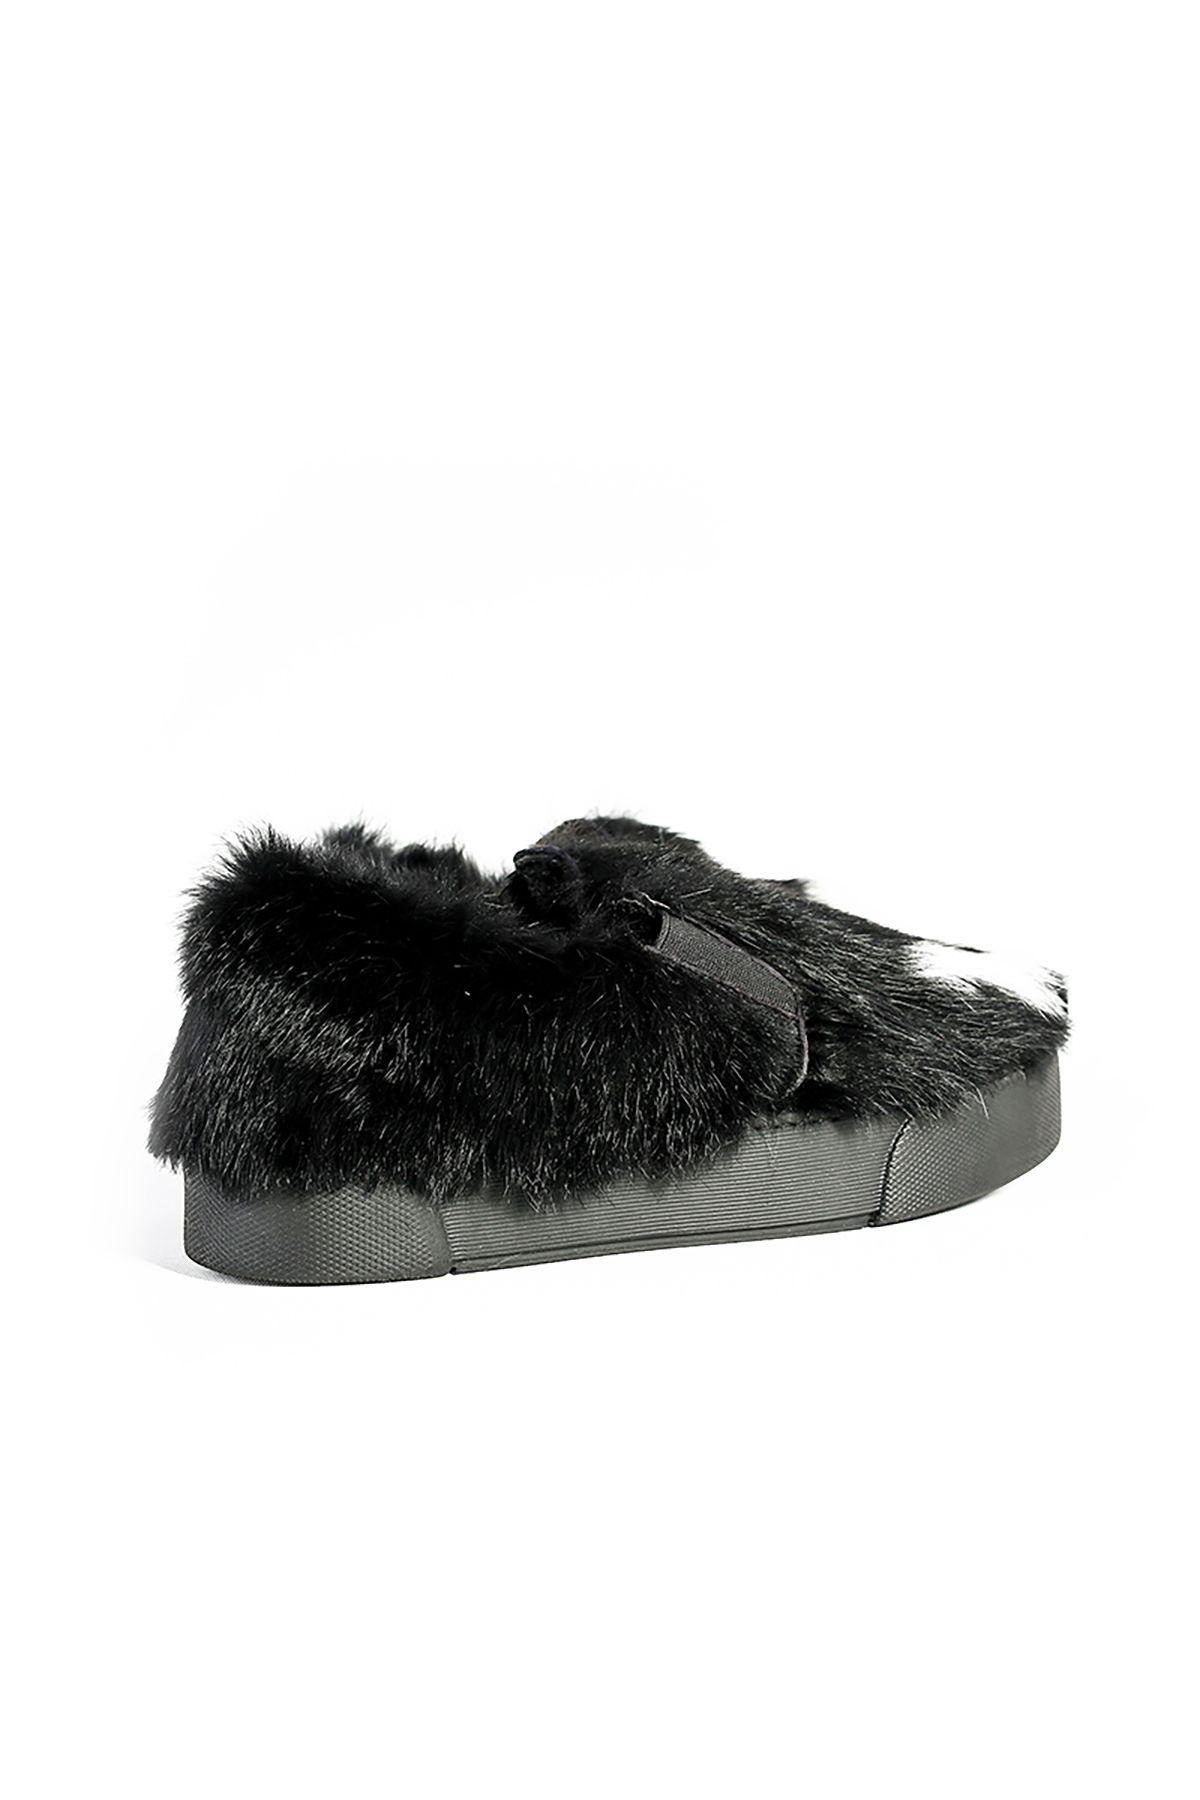 Pegia Hakiki Kürklü LOVE Yazılı Bayan Sneaker 659534 Siyah